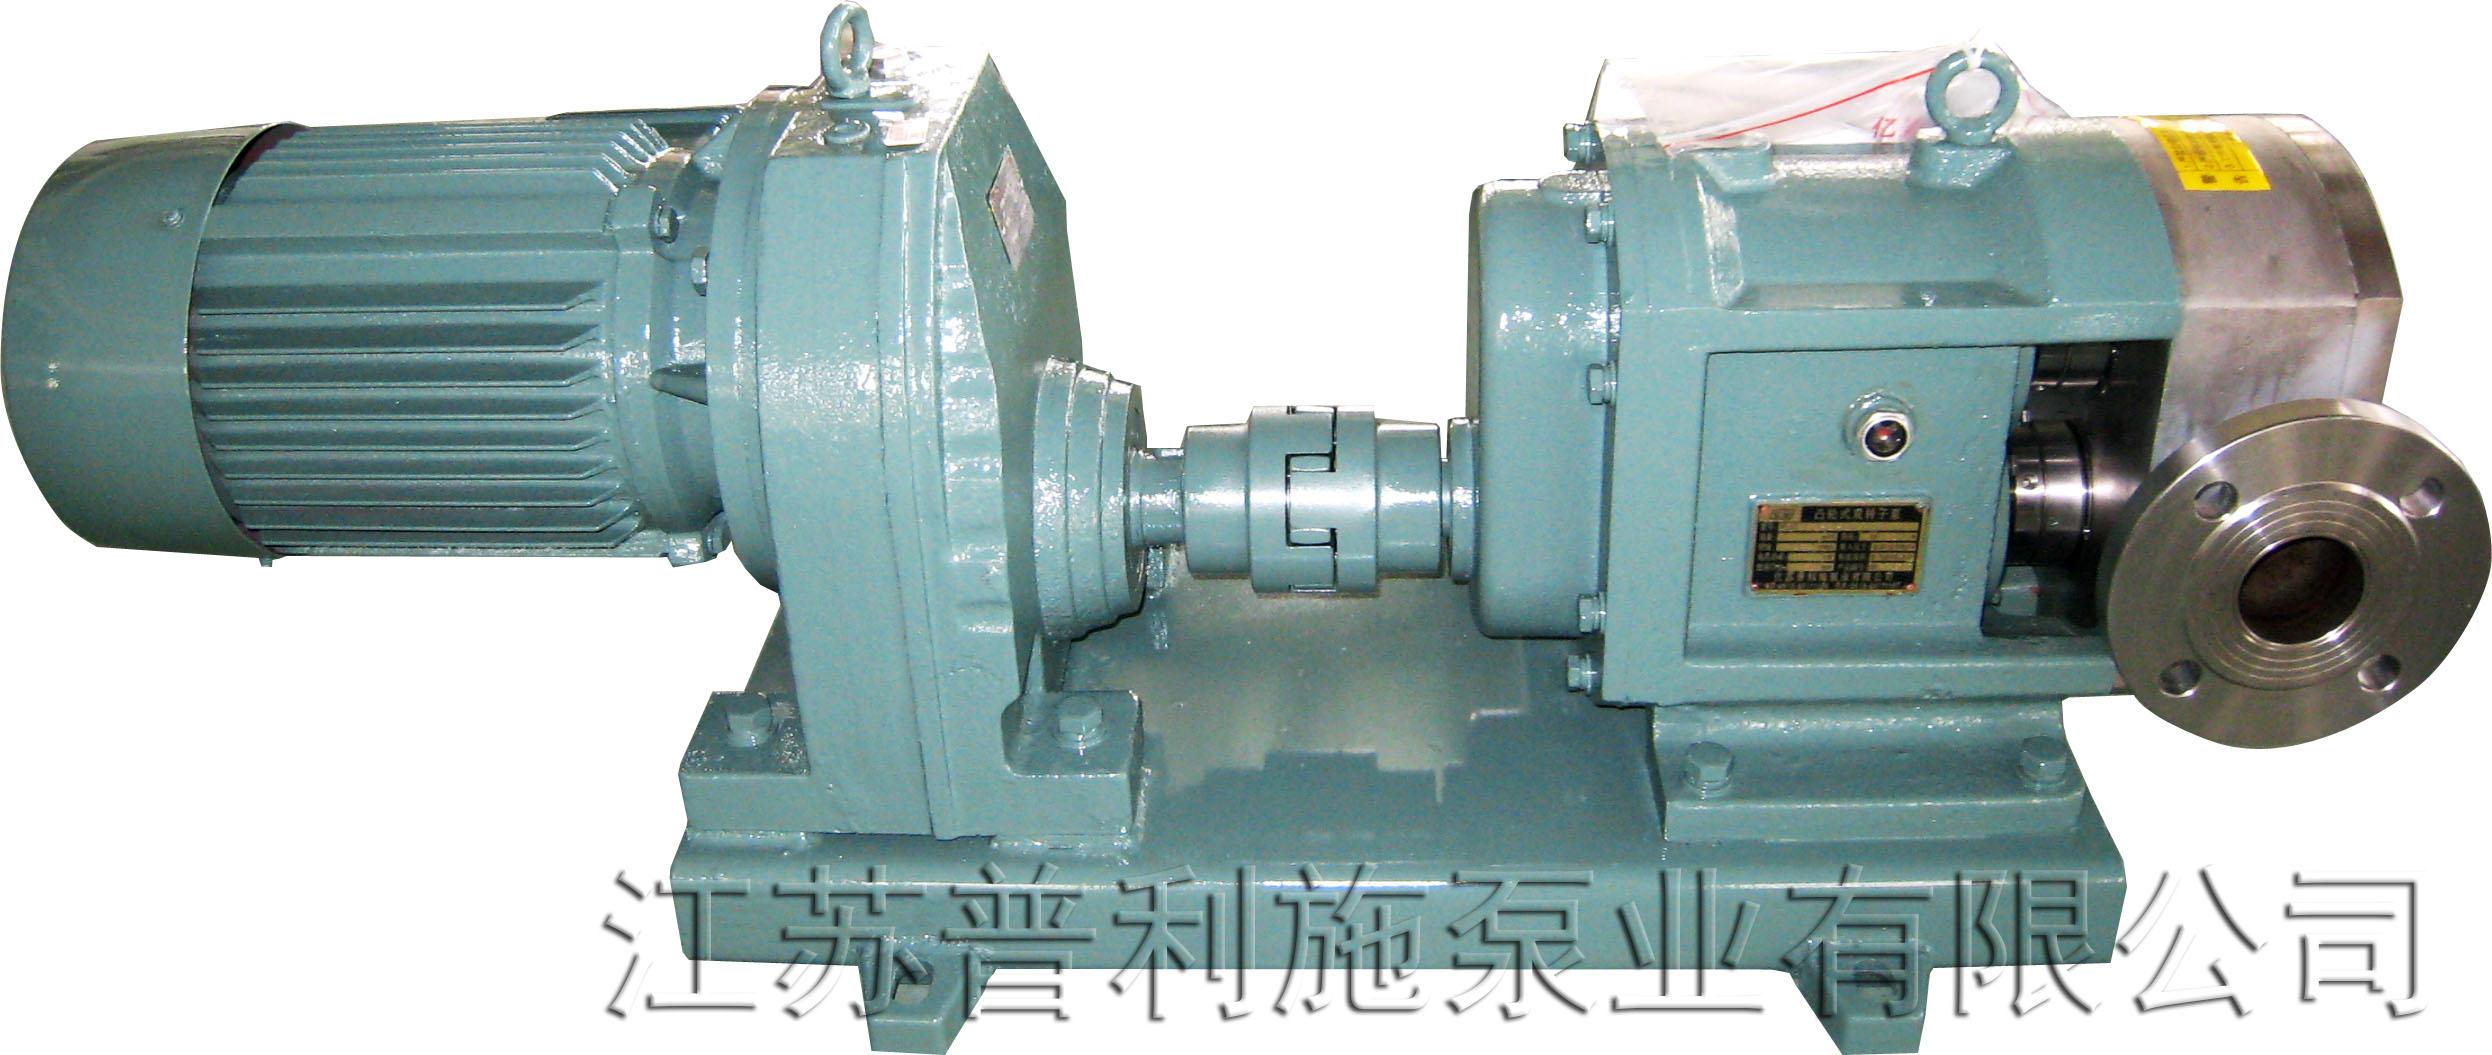 普利施 热销 PLST型 不锈钢高粘度转子泵 污泥转子泵